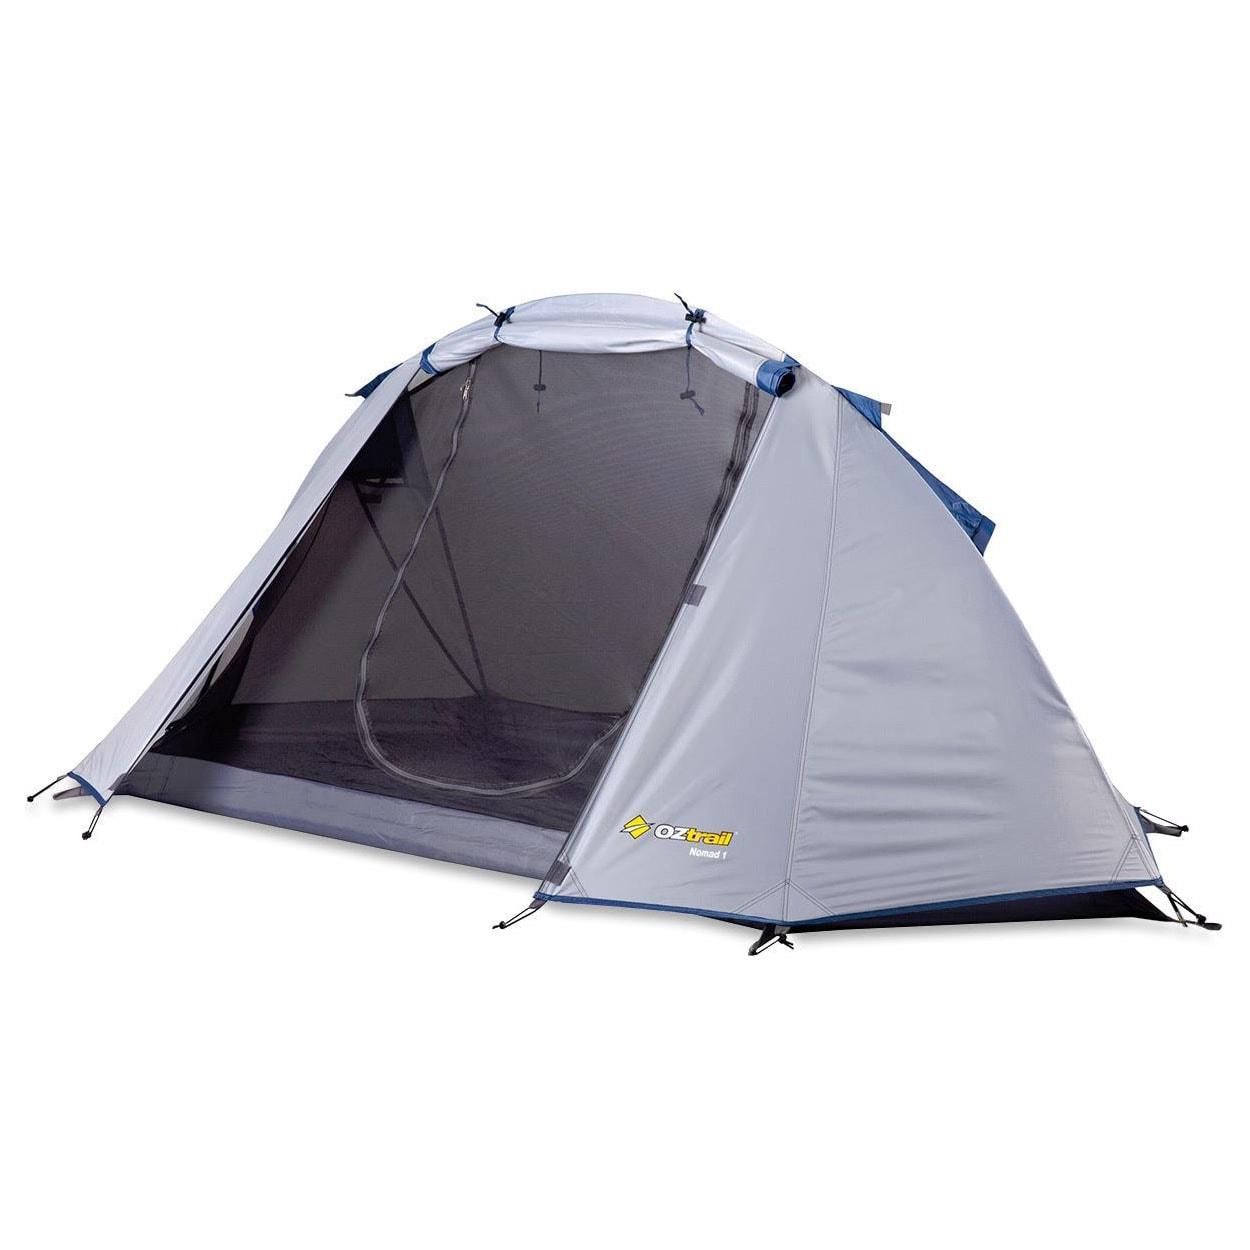 Σκηνή Camping Oztrail Nomad 1 Dome 2 Ατόμων